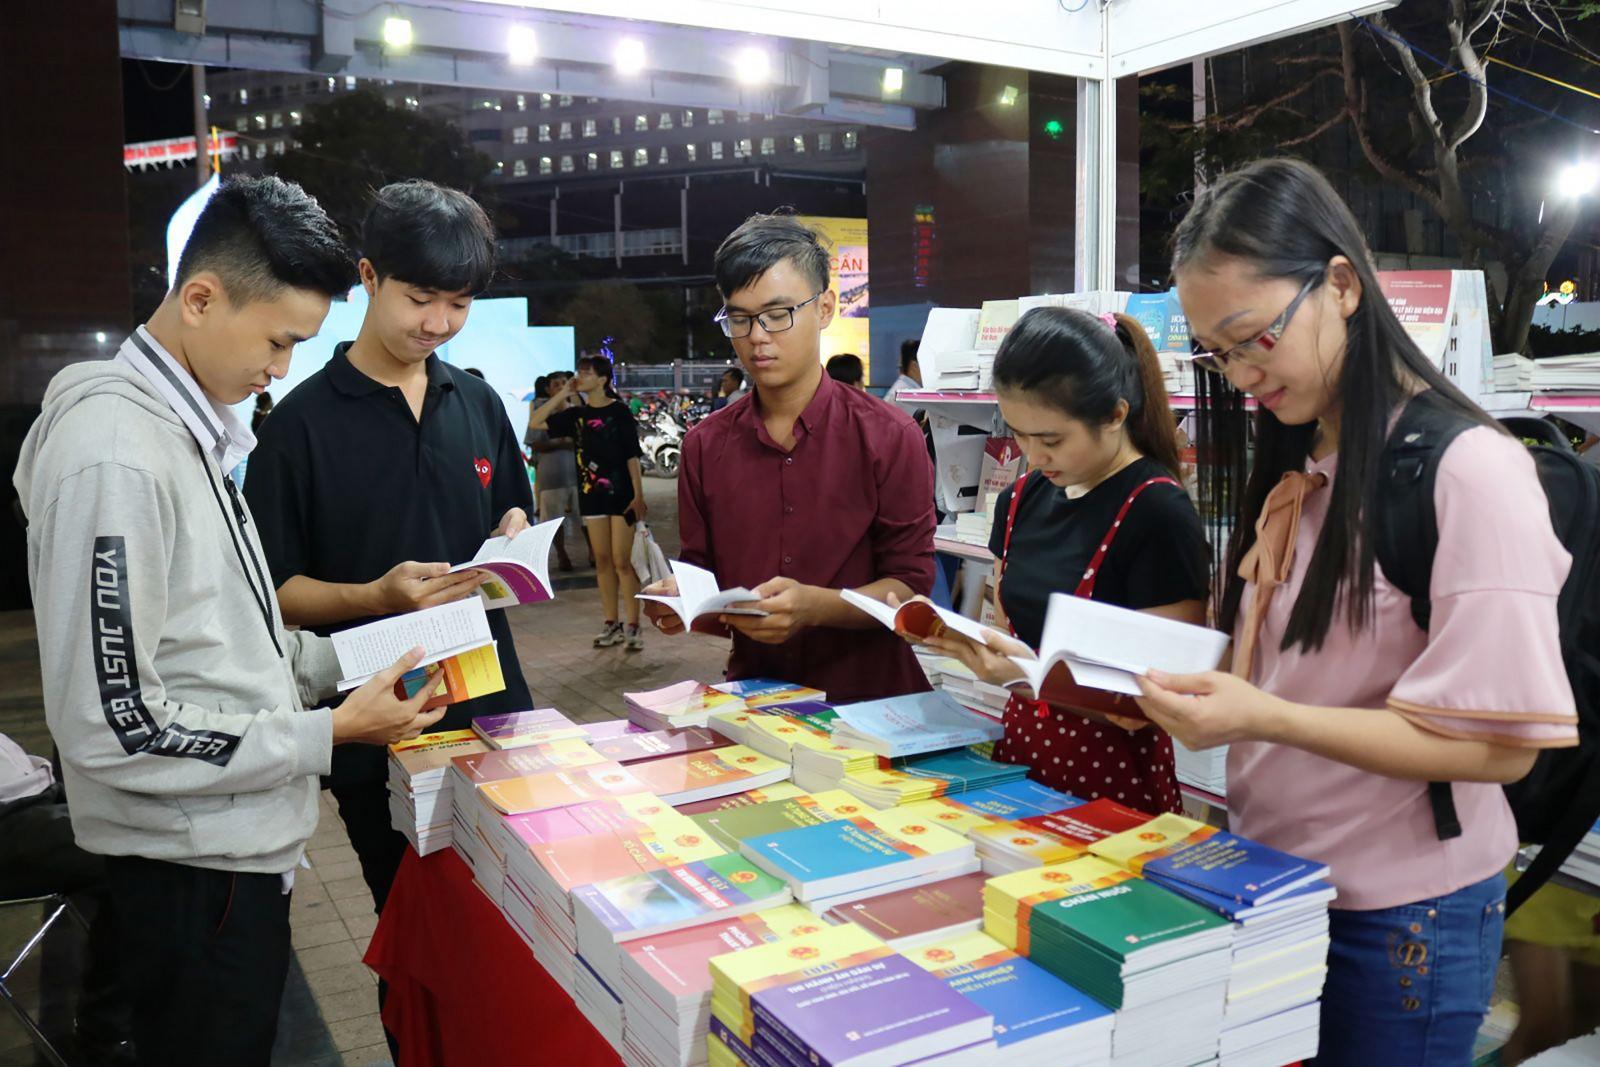 Độc giả chọn mua sách tại gian hàng của Chi nhánh NXB Chính trị quốc gia Sự thật tại Cần Thơ. Ảnh: CÁT ĐẰNG